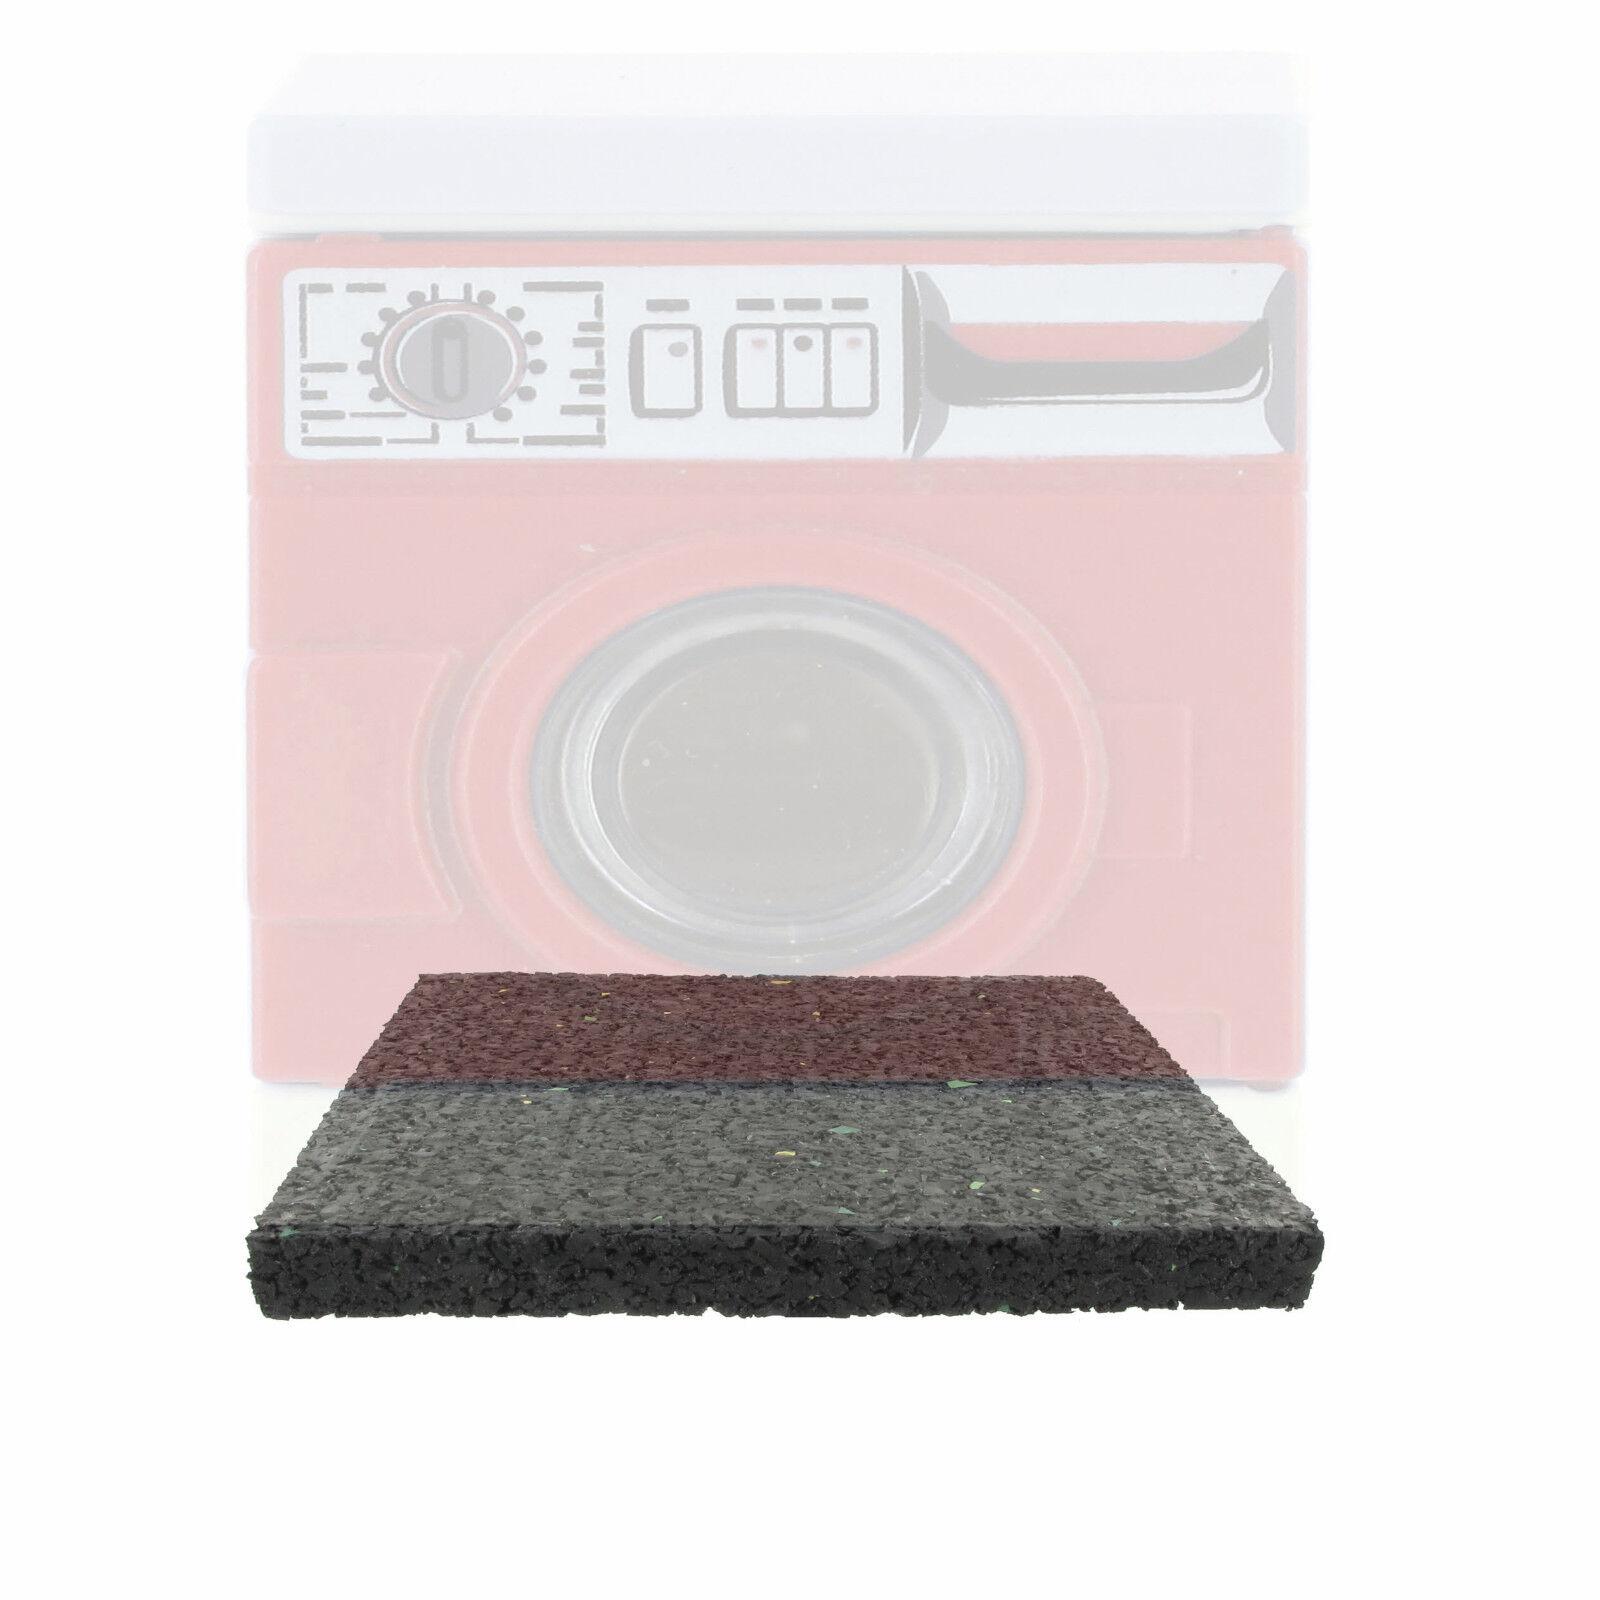 antirutschmatte waschmaschine test vergleich. Black Bedroom Furniture Sets. Home Design Ideas